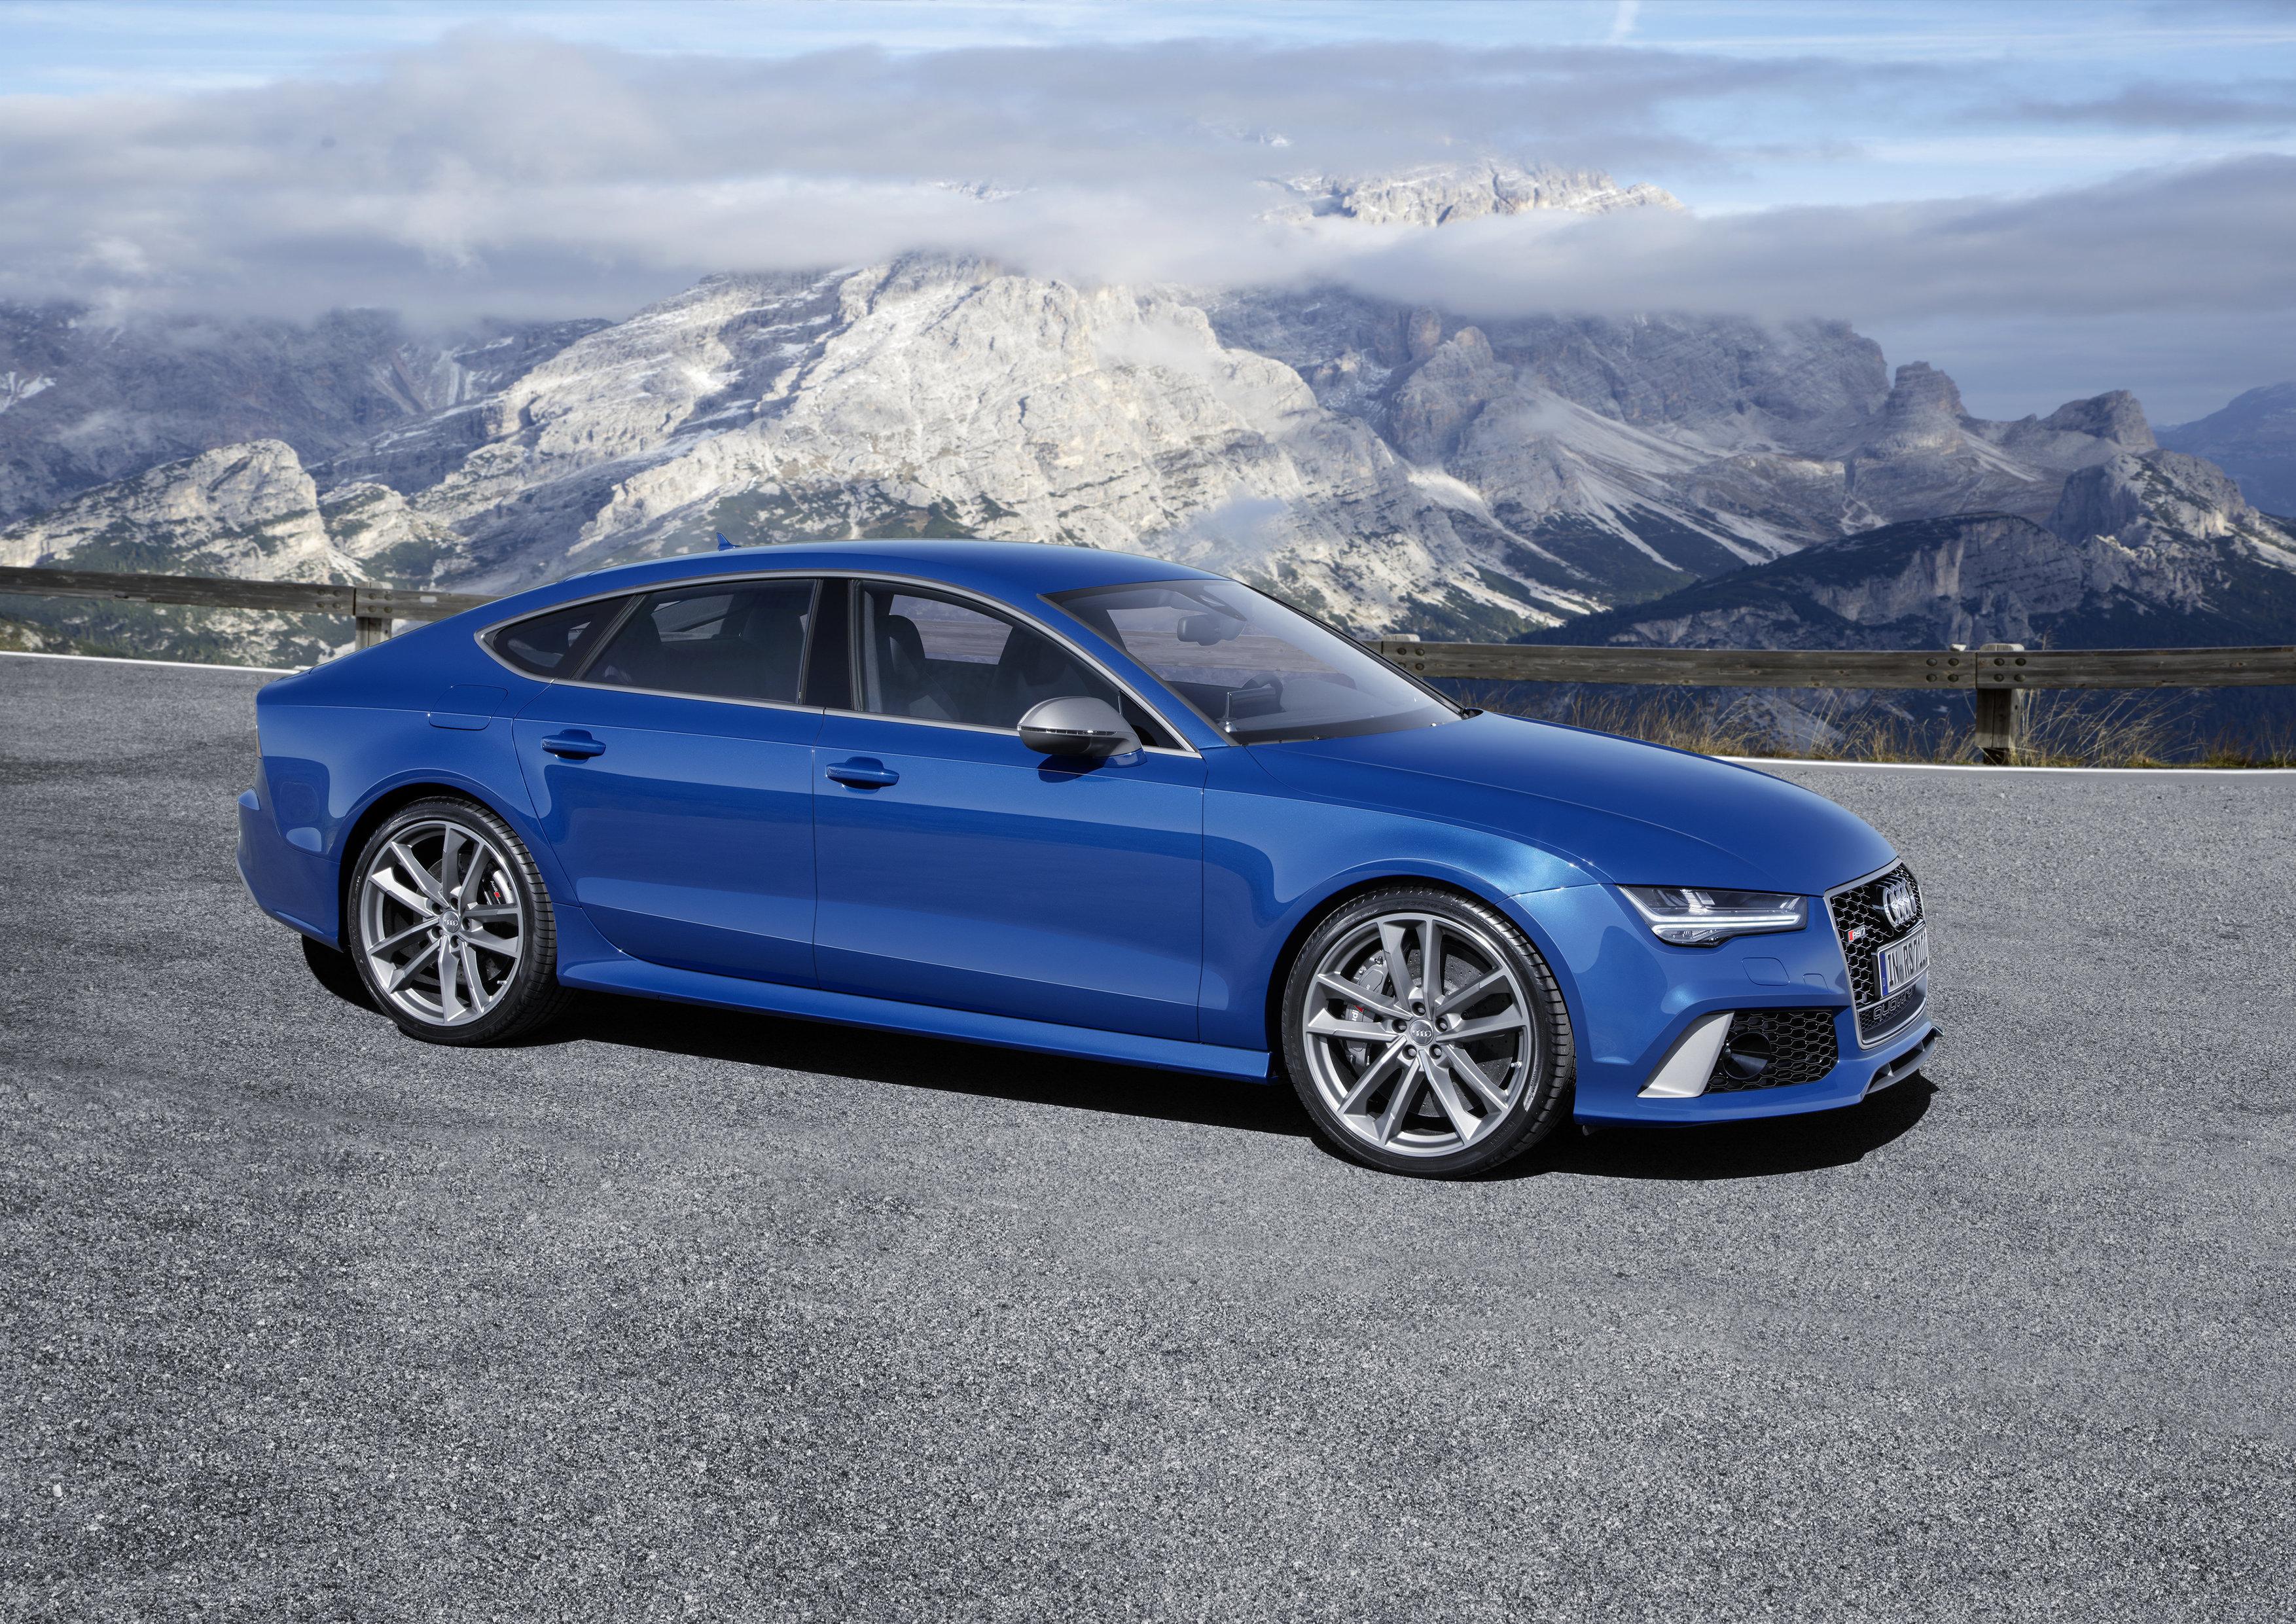 Ein Plus an Leistung neuen Audi RS 6 Avant performance und RS 7